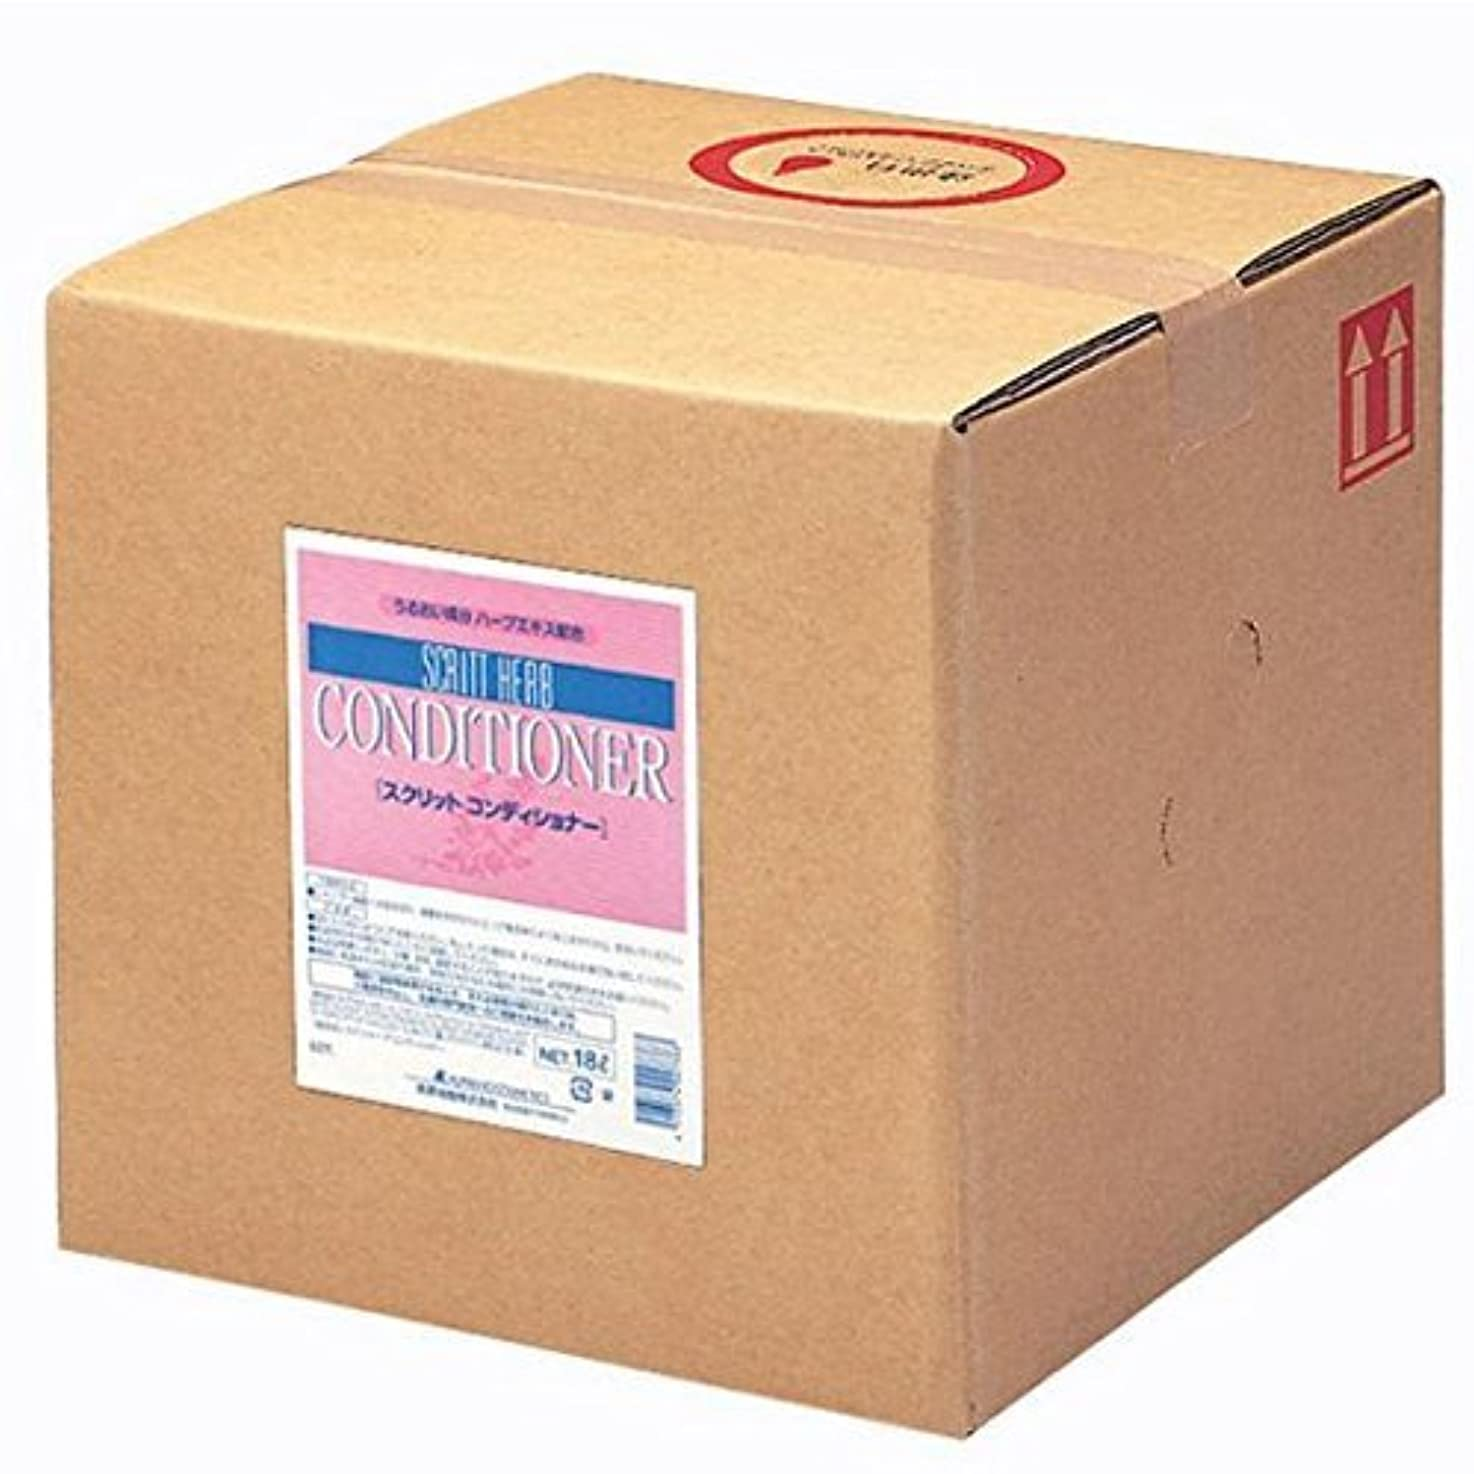 受賞ナースピット業務用 スクリット(SCRITT) コンディショナー 18L 熊野油脂 (コック付き)